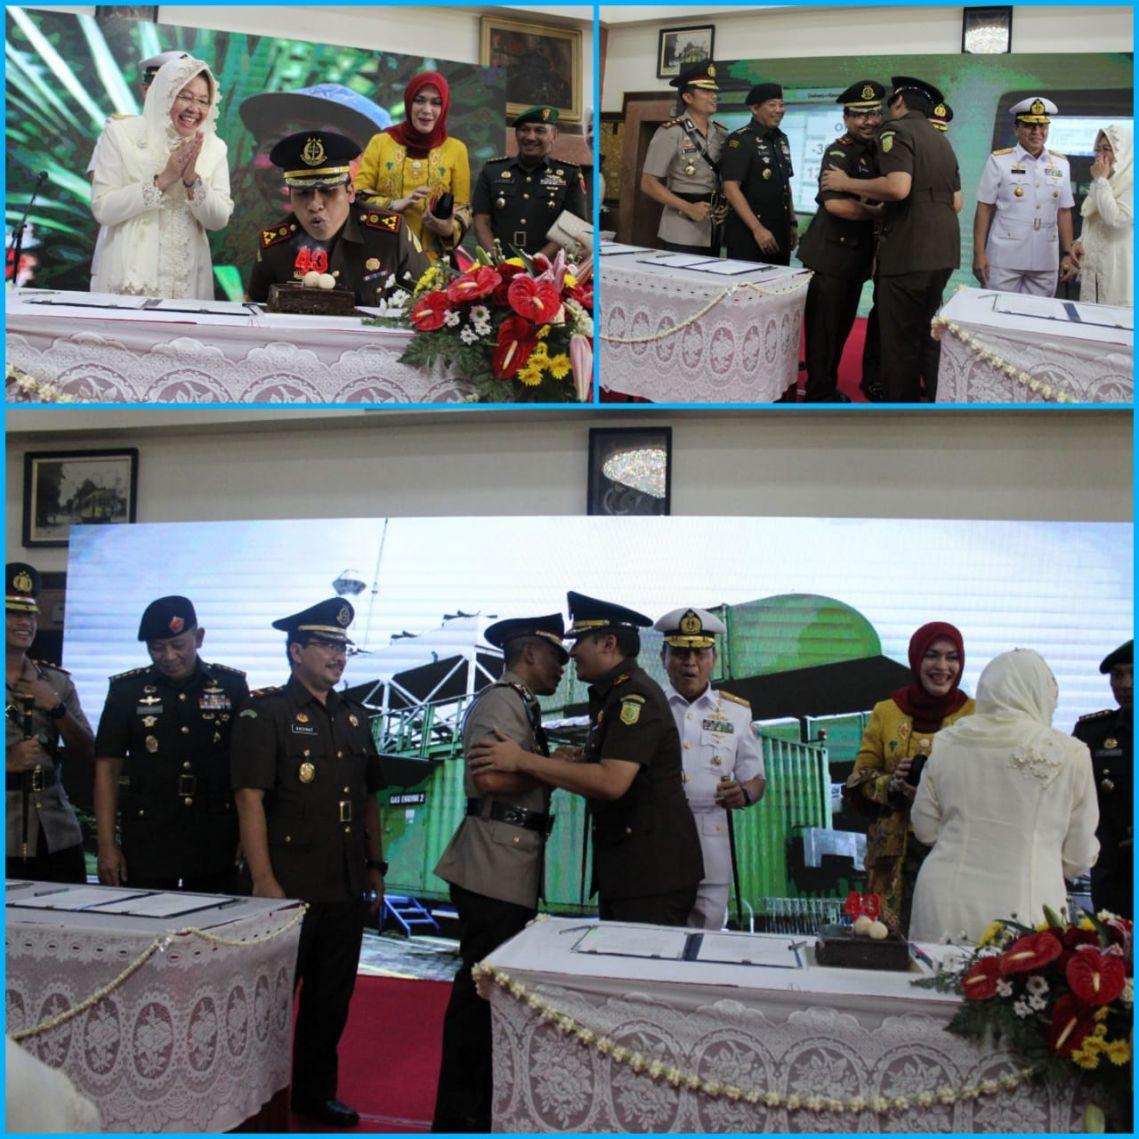 Hari Jadi Kota Surabaya Bertepatan dengan Hari Ulang Tahun 31-05-2018